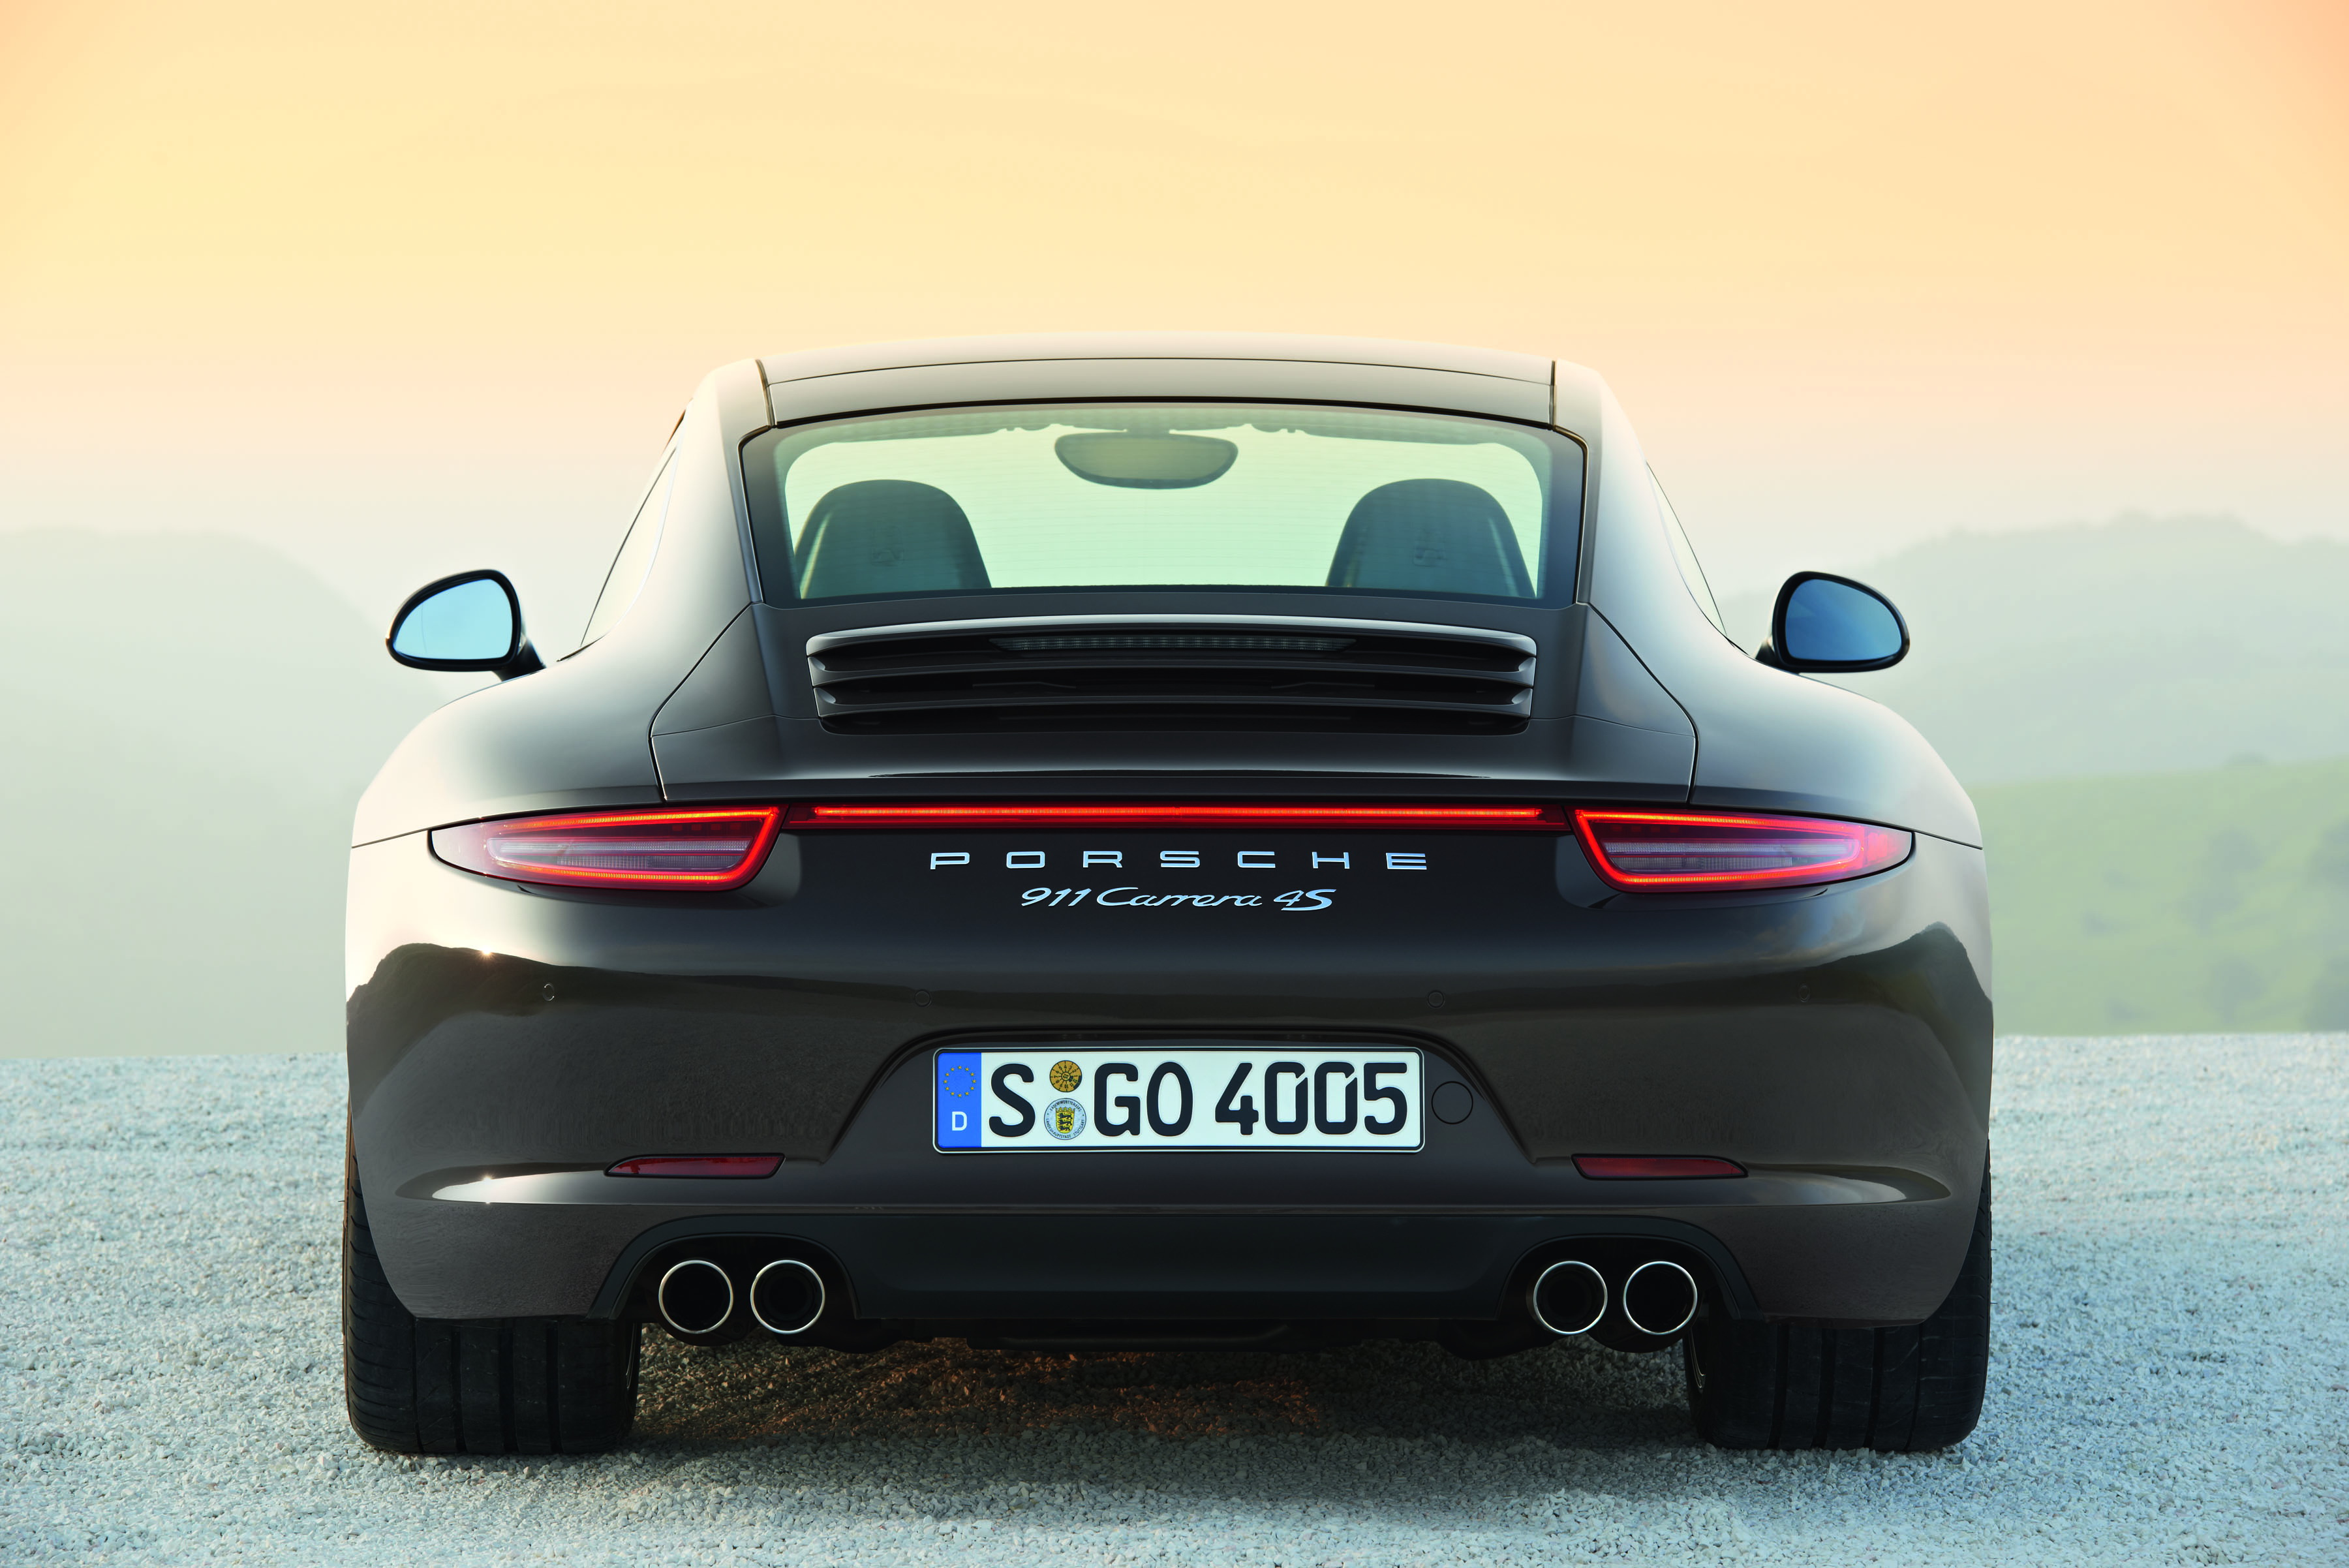 Porsche 911 Carrera 4s Coupe - i fianchi da sposa le donano come sempre